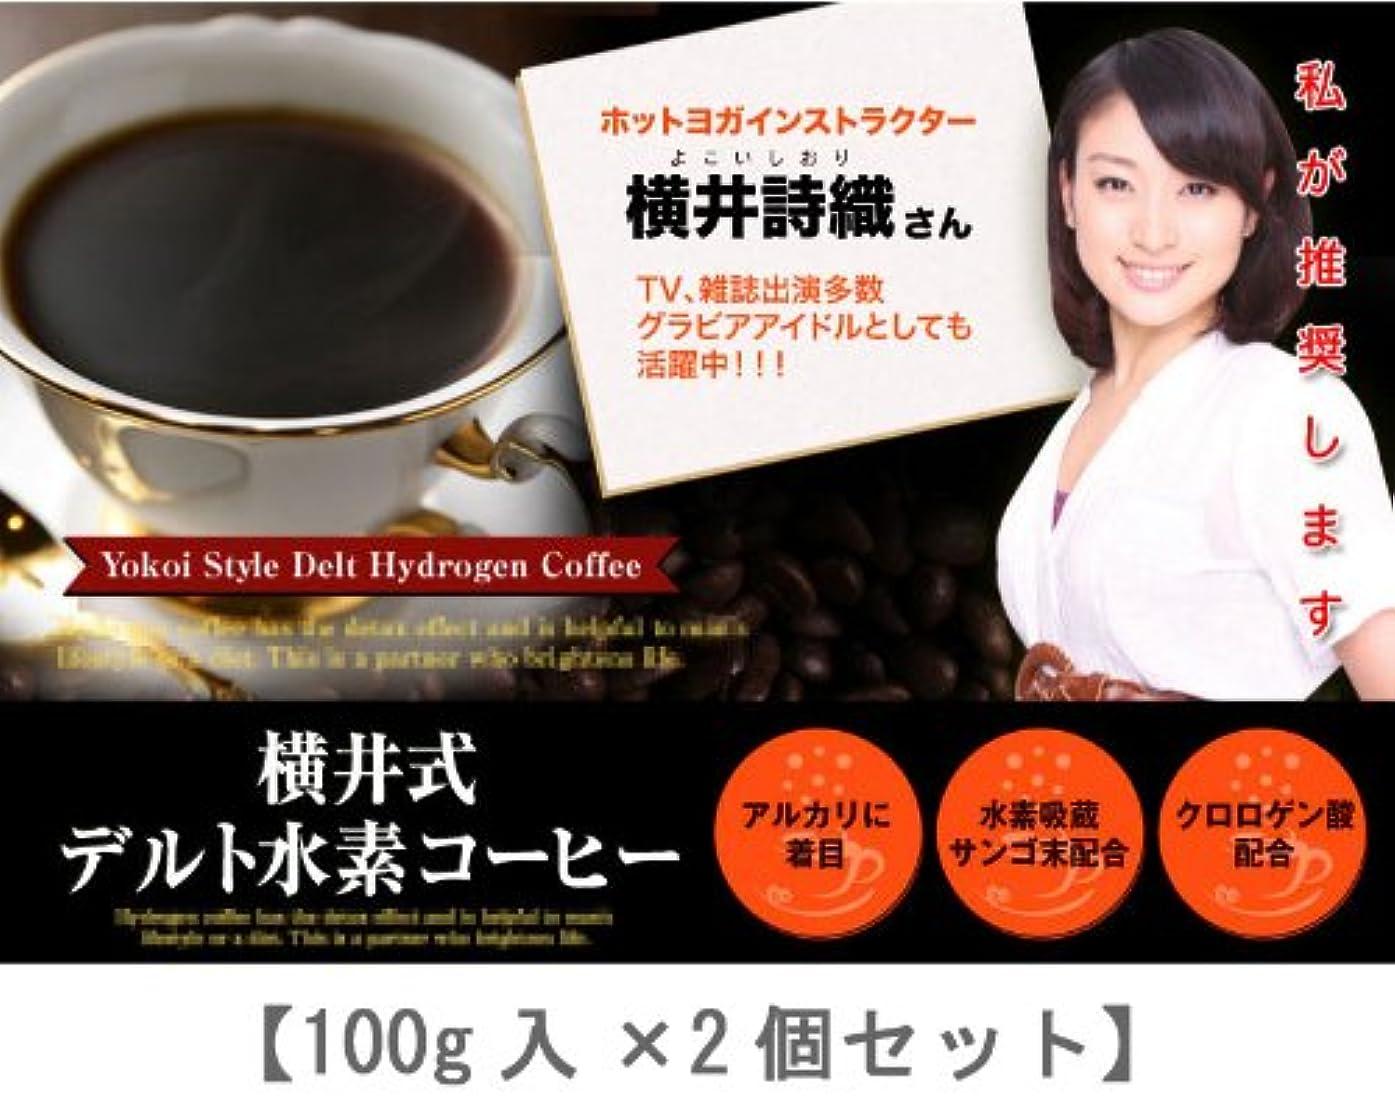 遮る眩惑する肥料横井式デルト水素コーヒー 2個セット(水素配合ダイエットコーヒー)